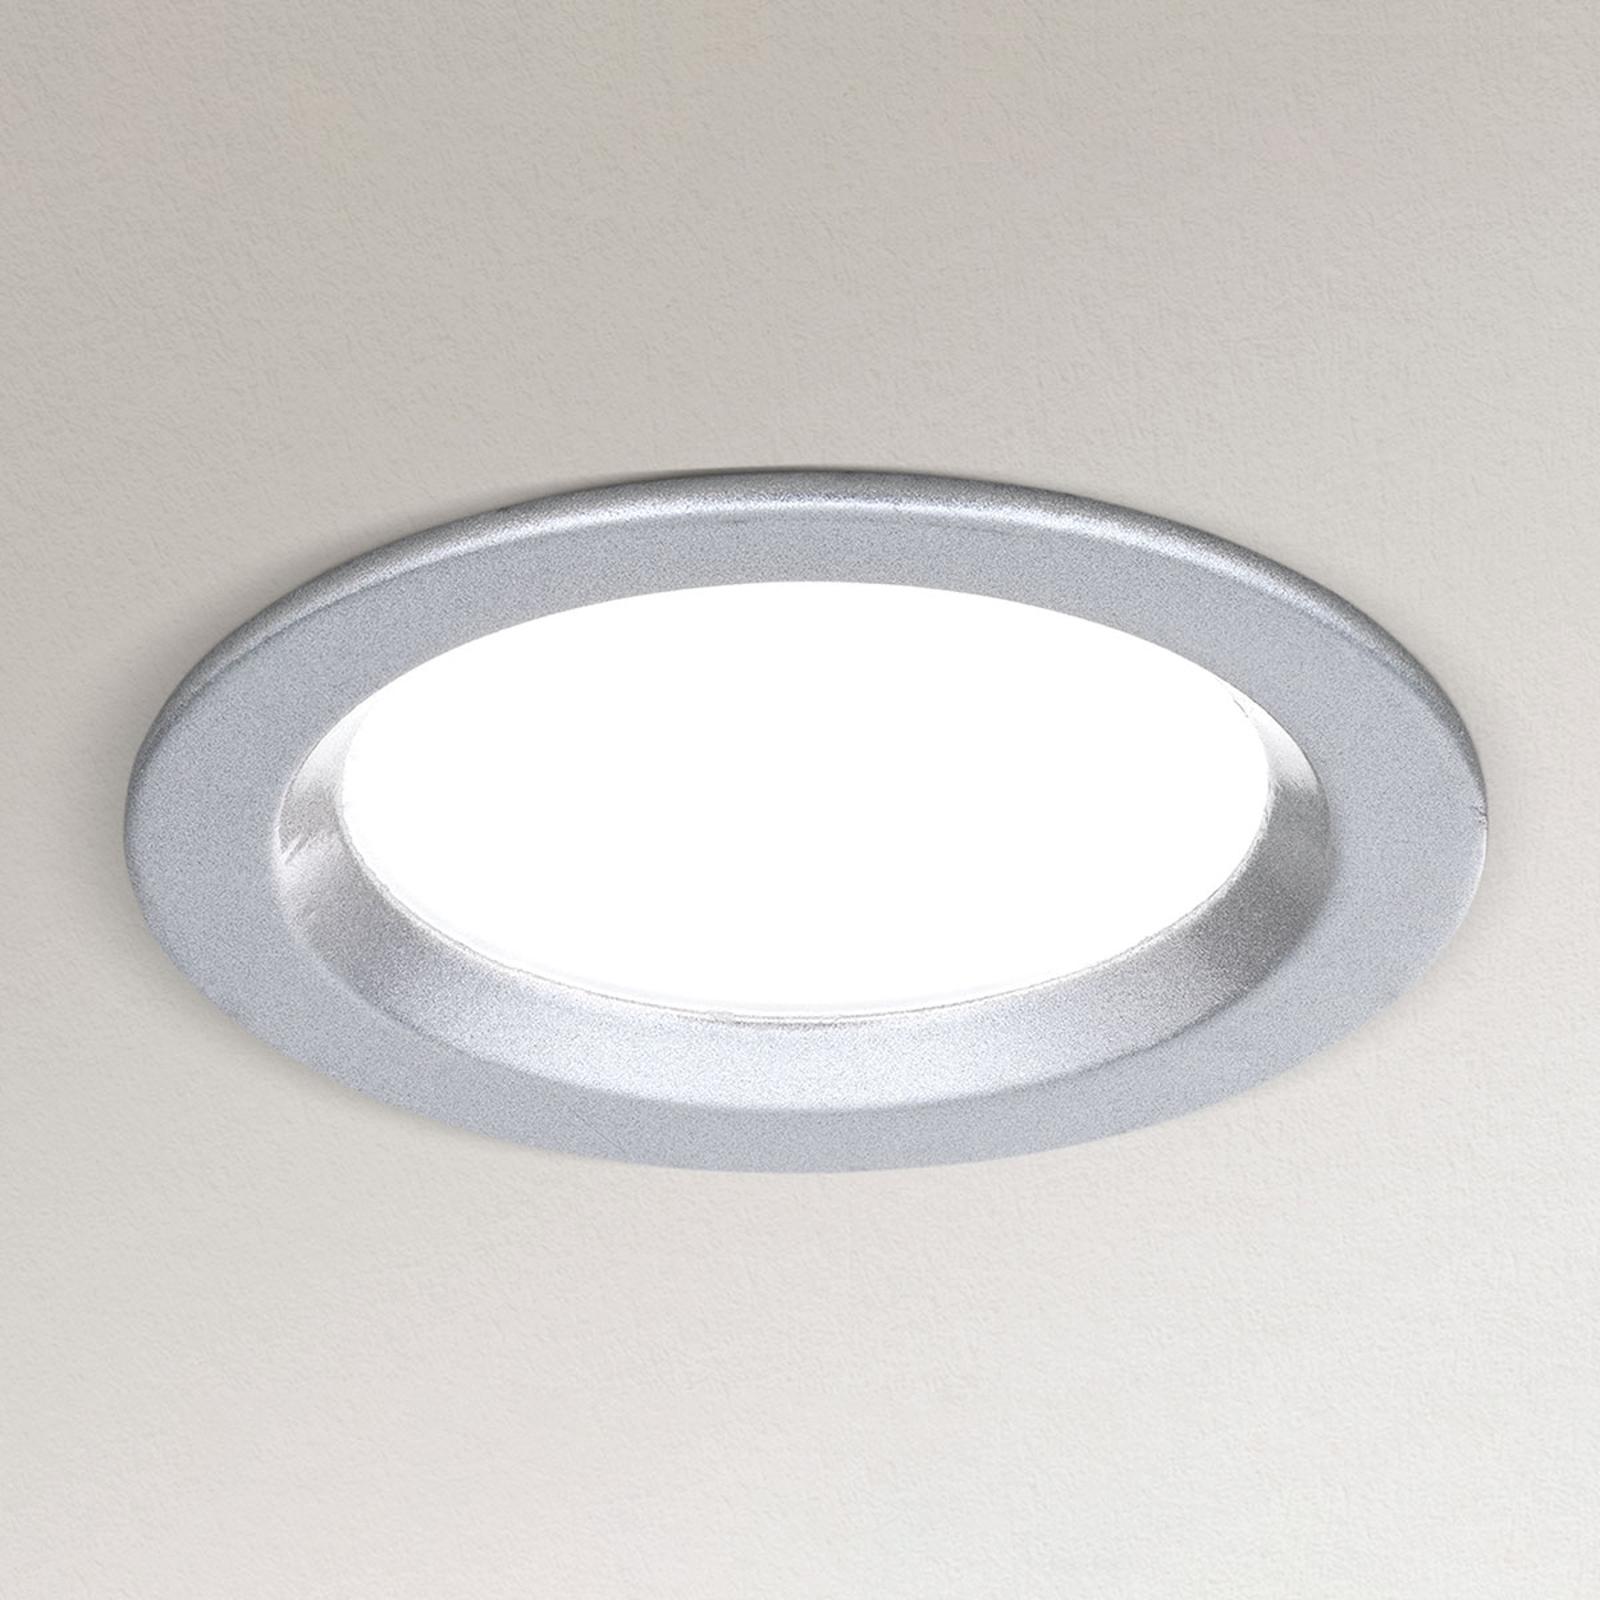 Dimbar LED-downlight Spock Ø 9 cm sølv